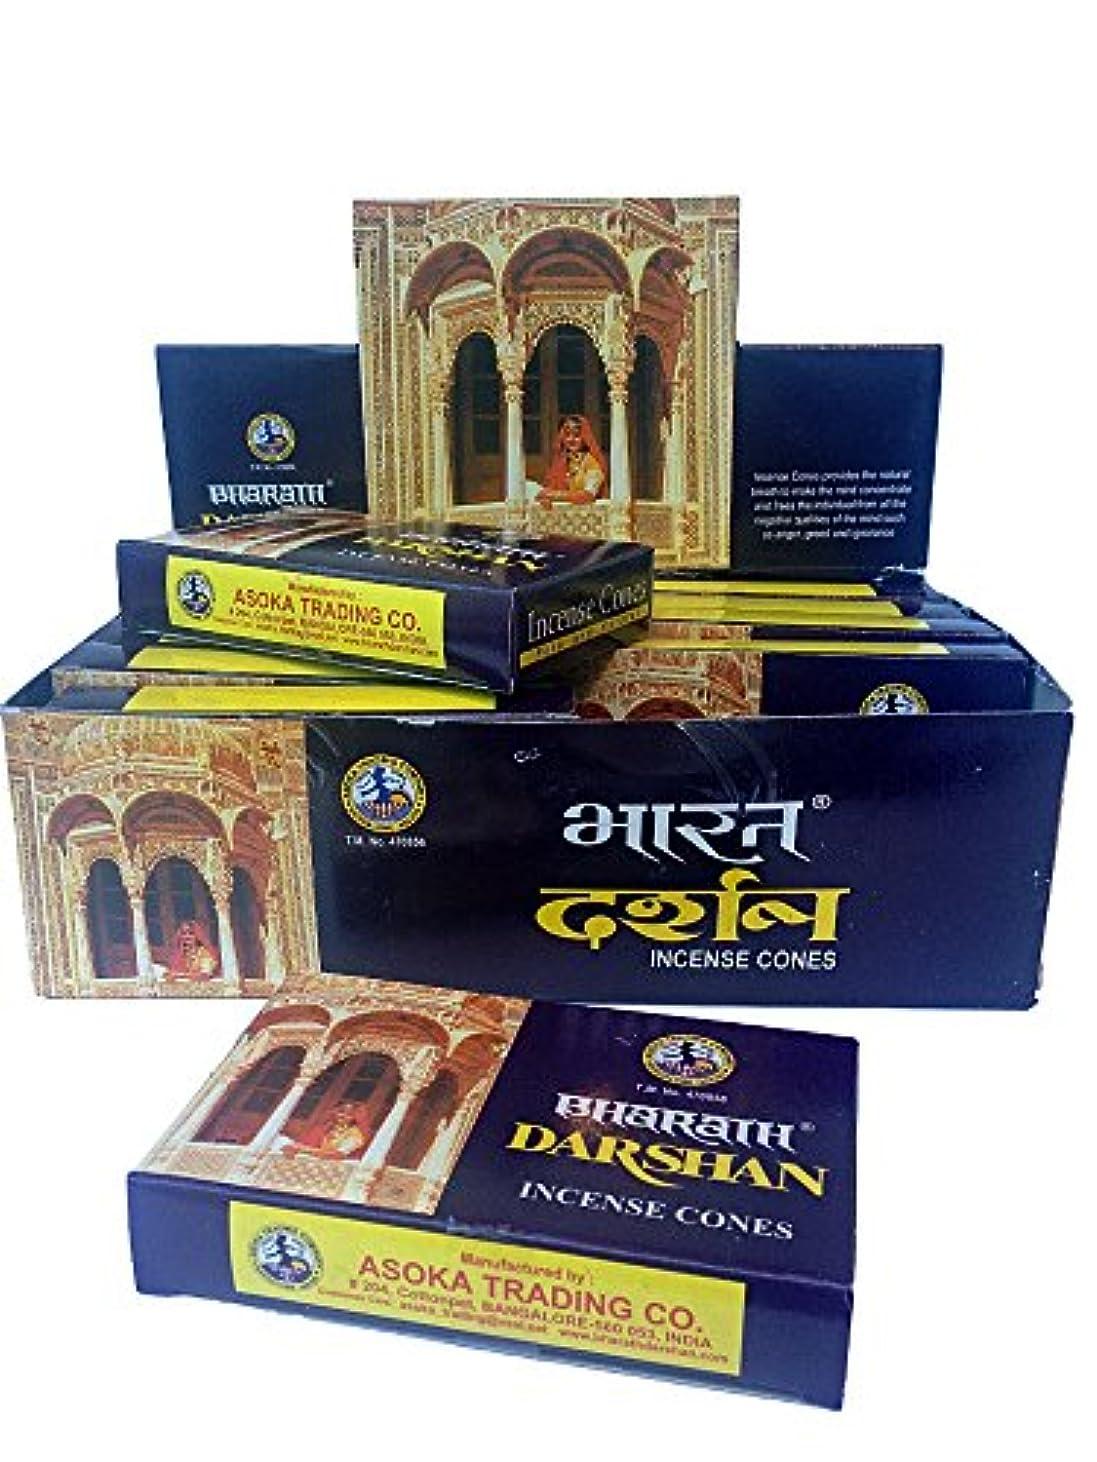 インストール藤色悲惨なBharath Darshan Cone Incense – 12ケースボックス、10コーン各